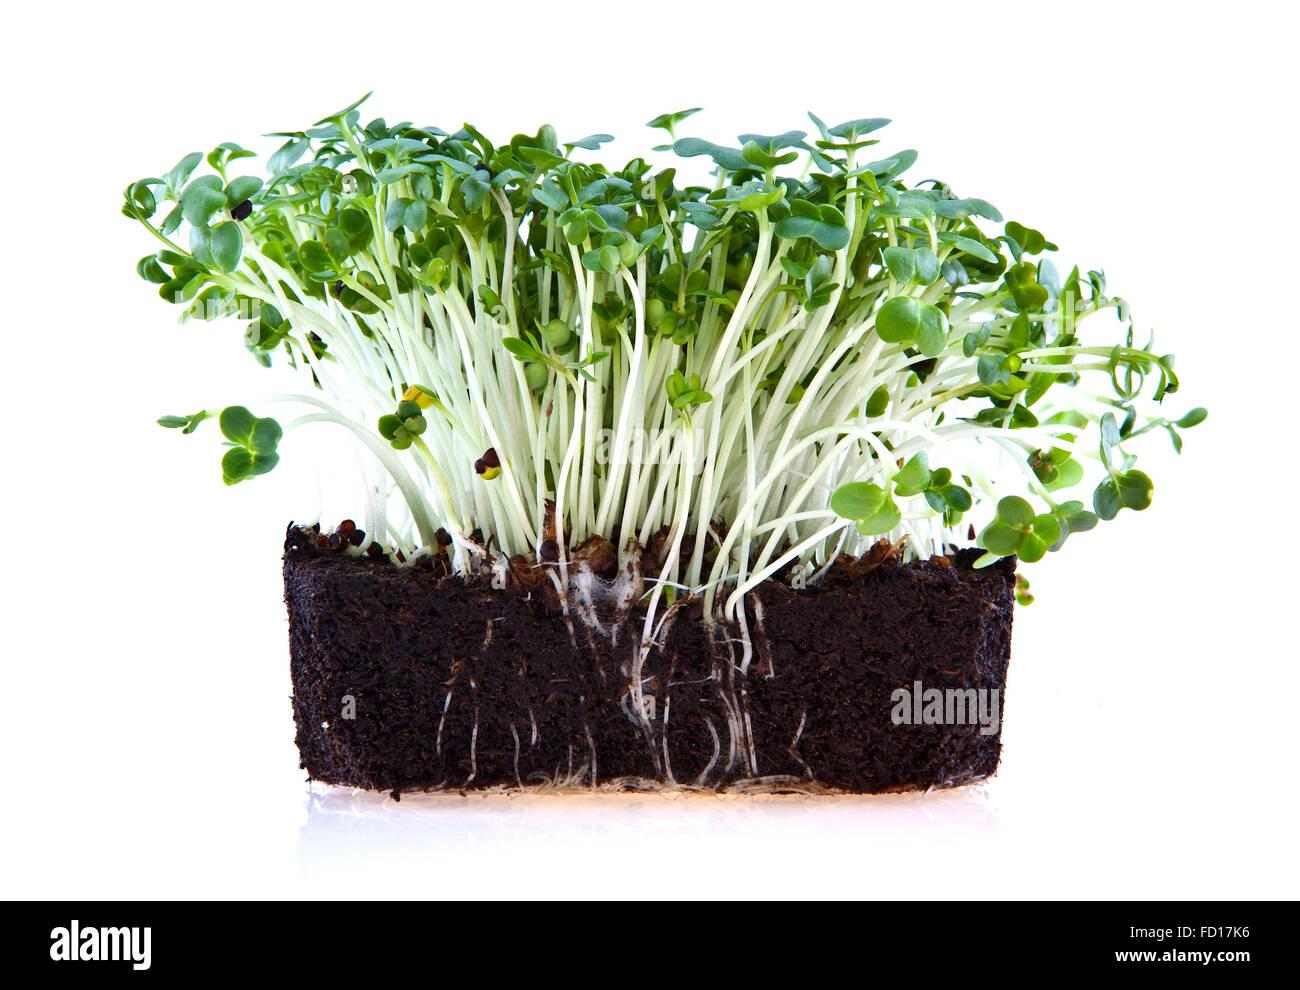 Frische Gartenkresse isoliert auf weißem Hintergrund Stockbild